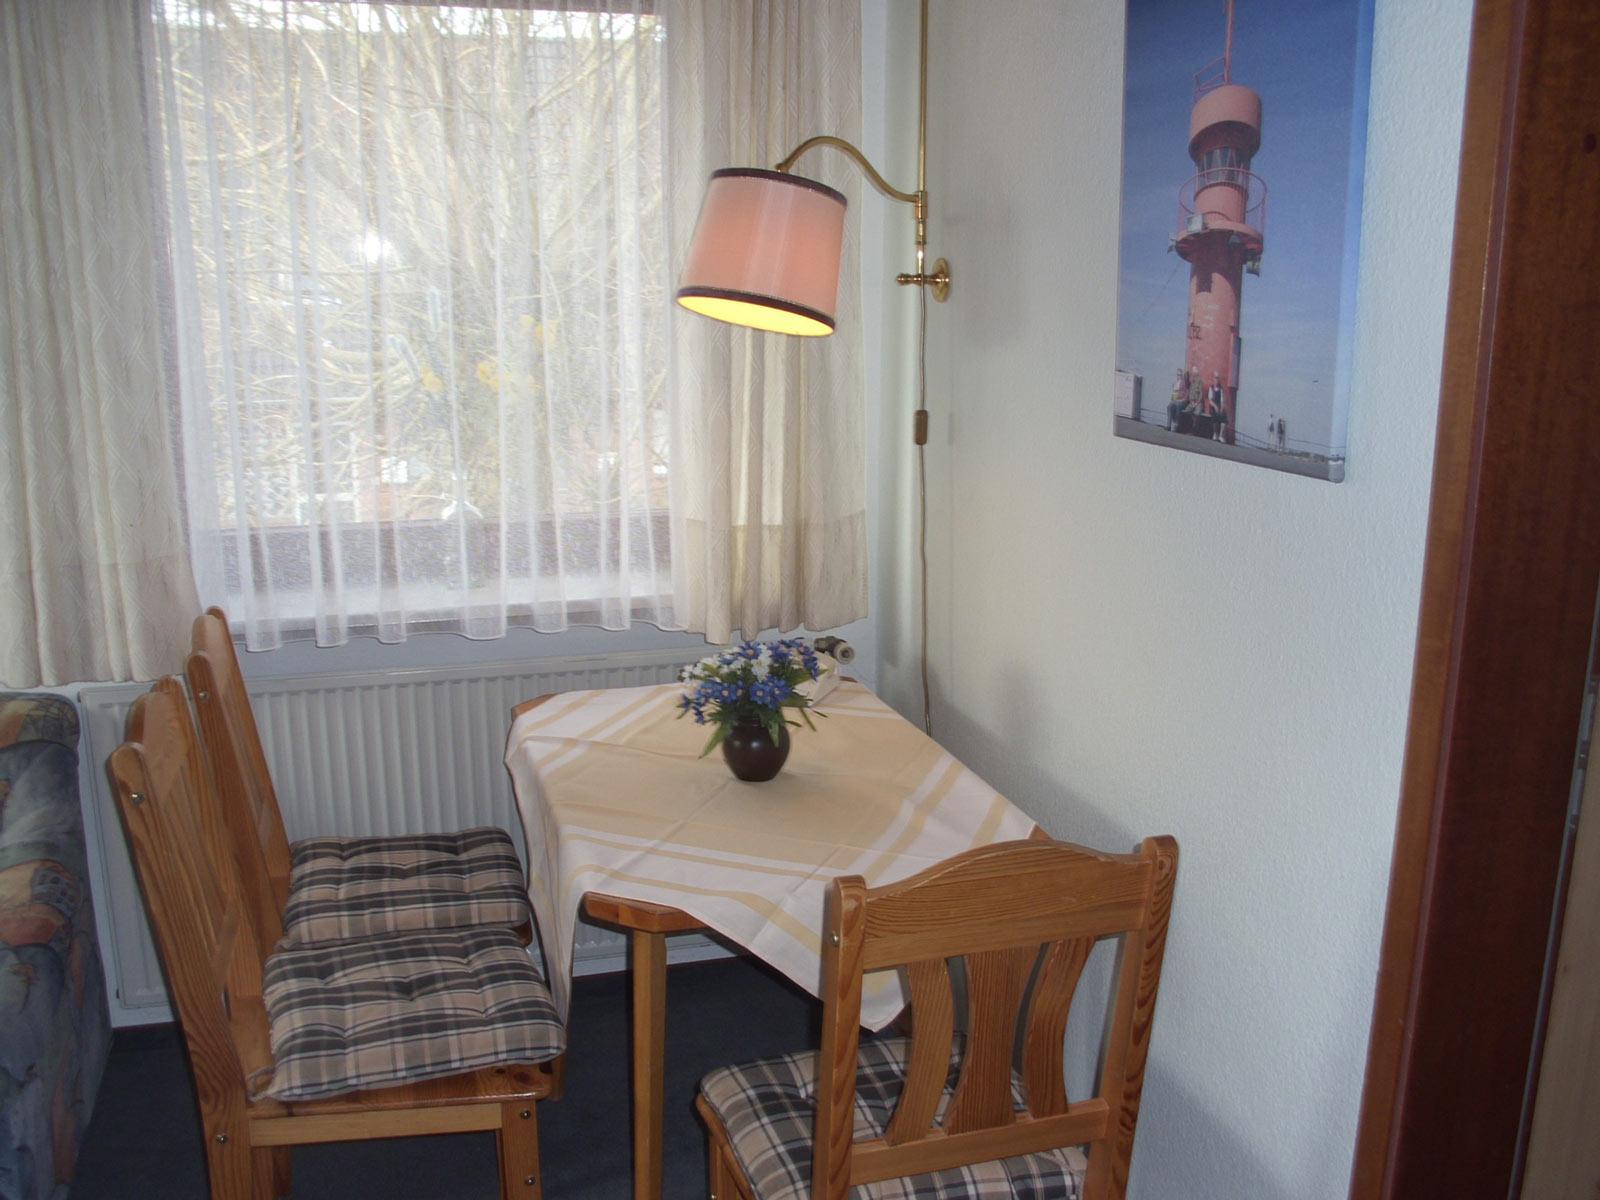 Ferienwohnung 2 urlaub an der nordsee - Kleine sitzecke wohnzimmer ...